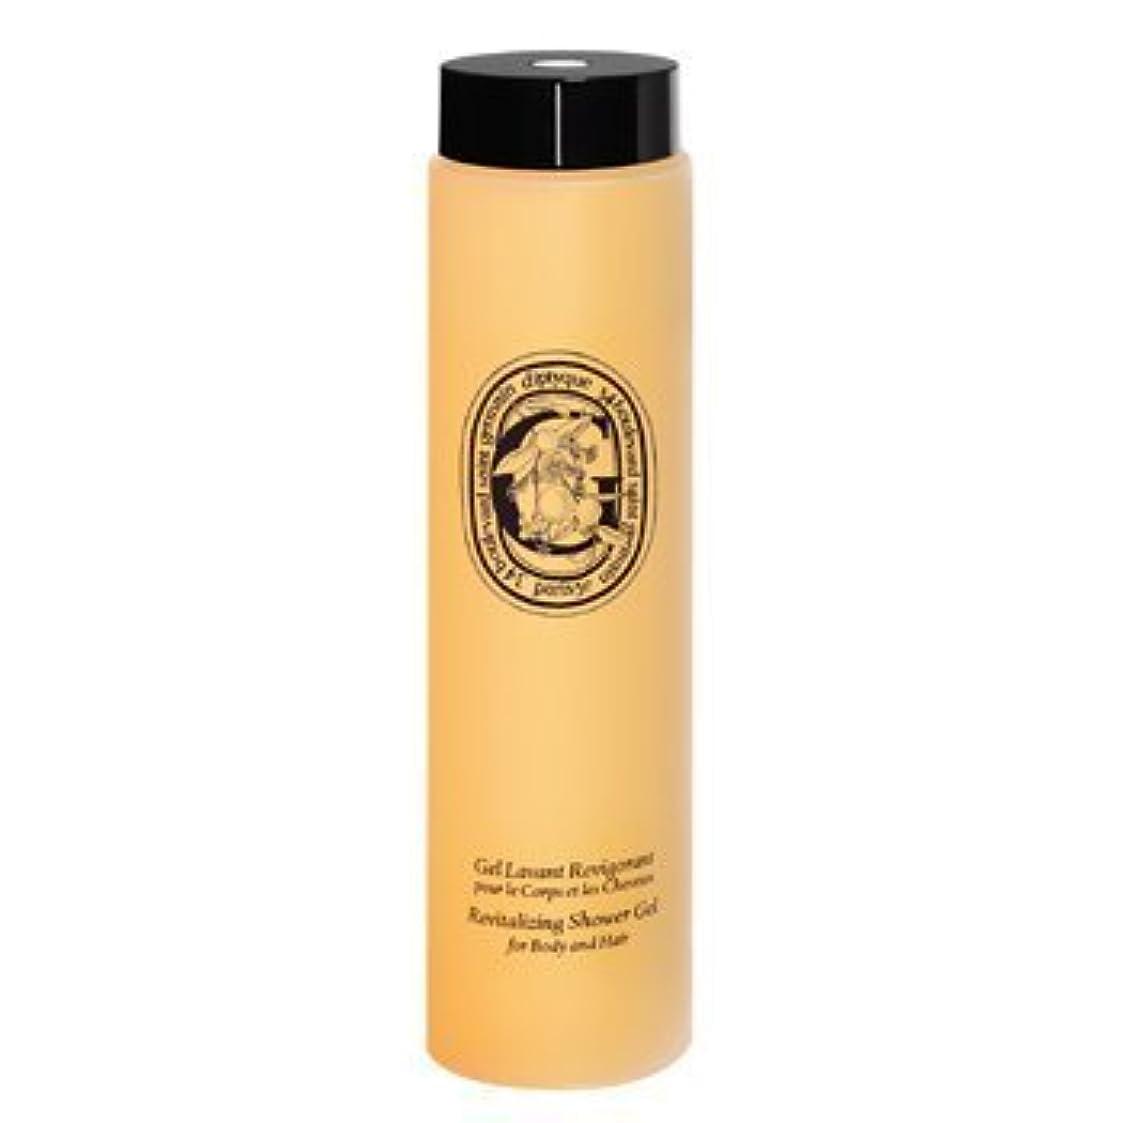 選出する聖職者強風Diptyque The Art of Body Care Revitalizing Shower Gel Hair & Body-6.8 oz by Diptyque [並行輸入品]